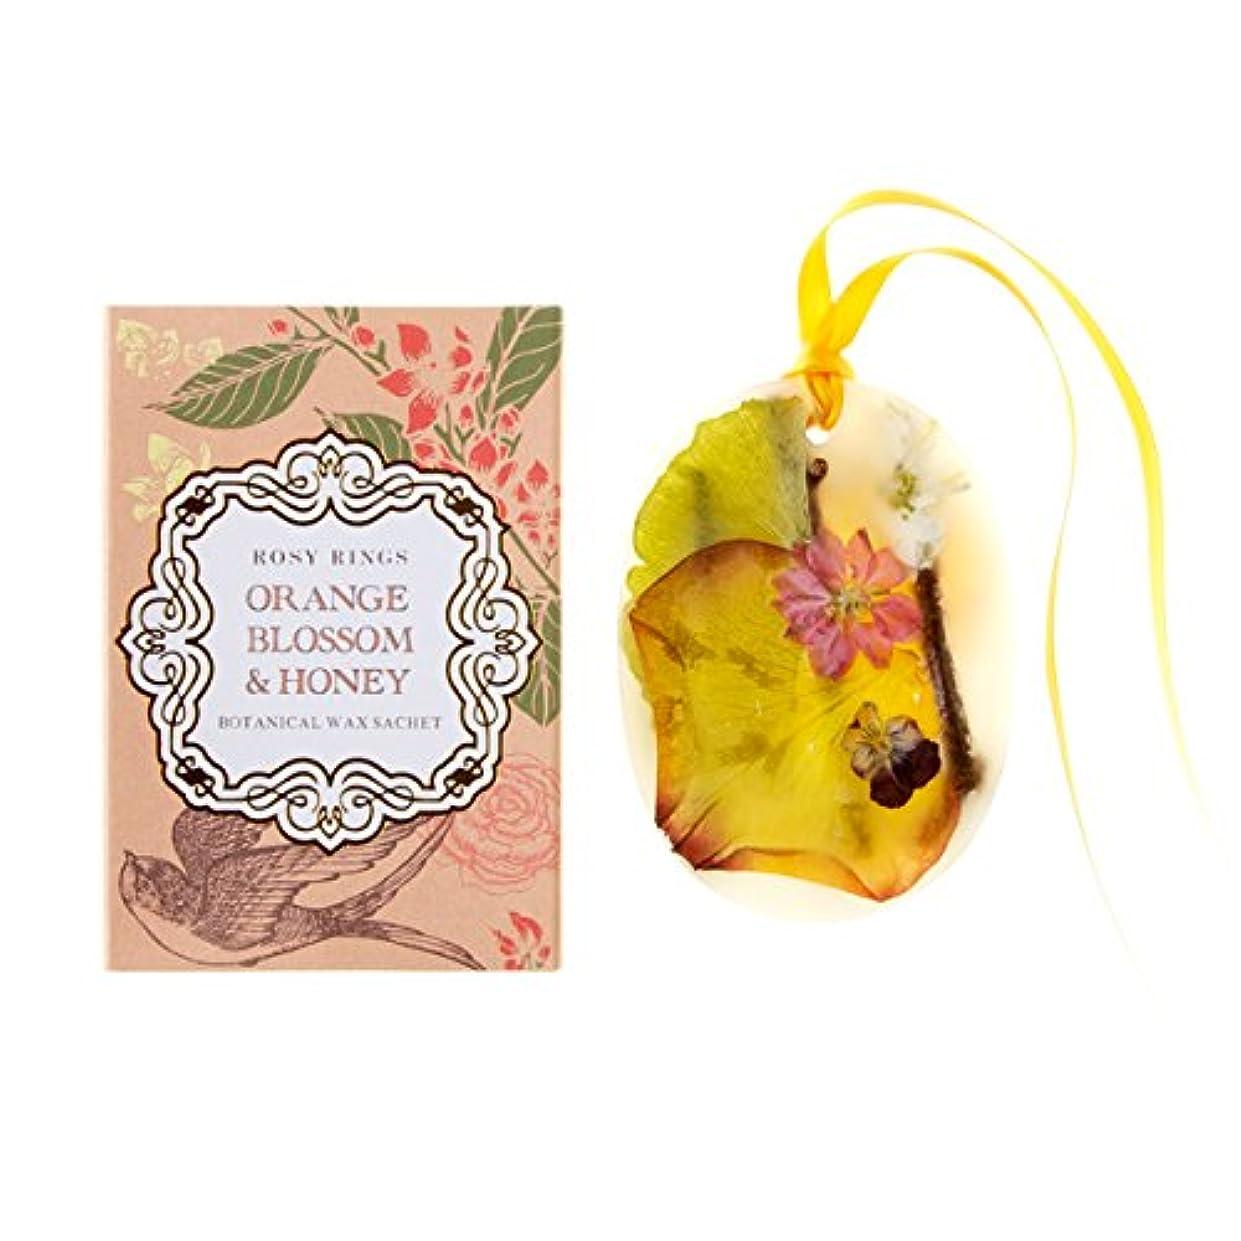 珍味年金受給者著者ロージーリングス プティボタニカルサシェ オレンジブロッサム&ハニー ROSY RINGS Petite Oval Botanical Wax Sachet Orange Blossom & Honey